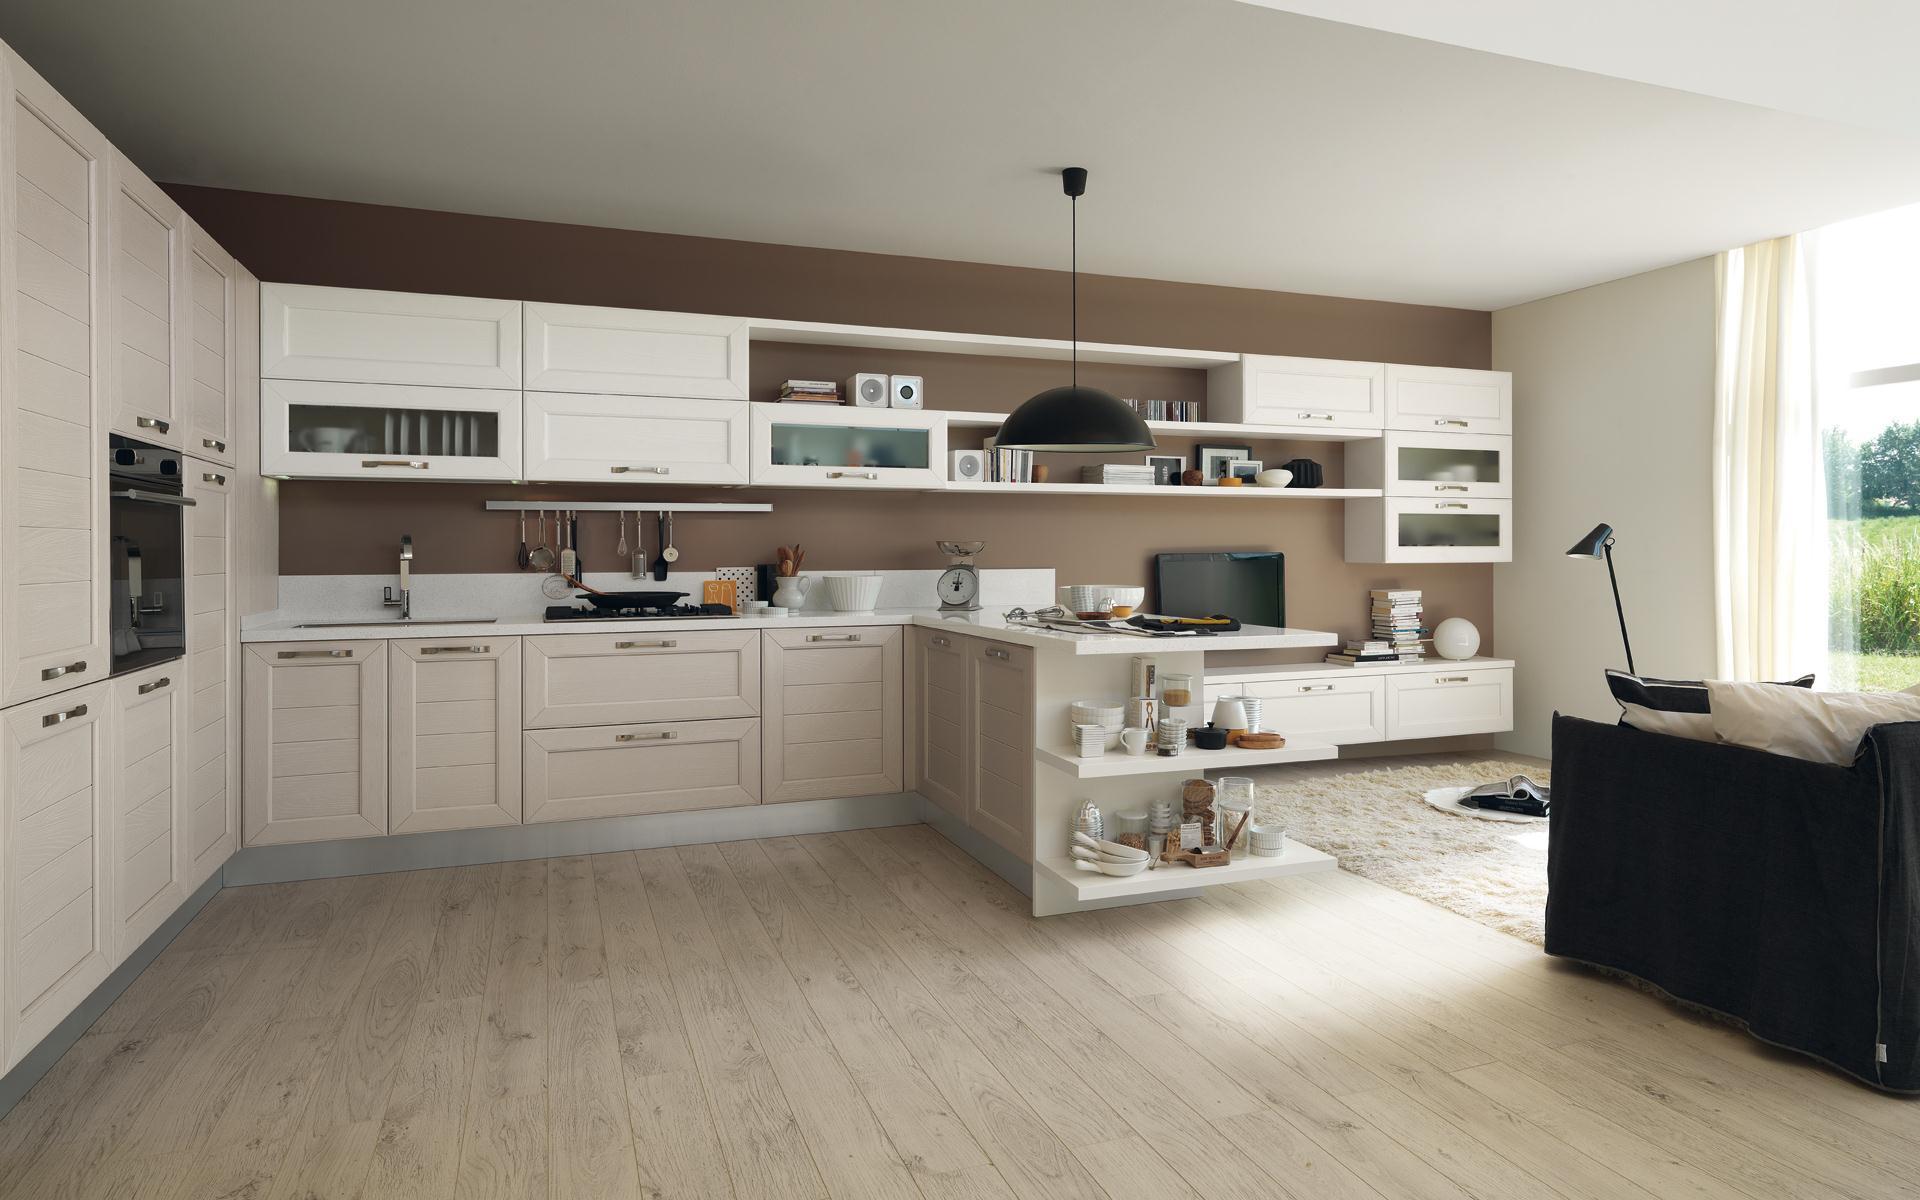 Cucine lube olbiarreda arredamenti in sardegna for Cucine immagini